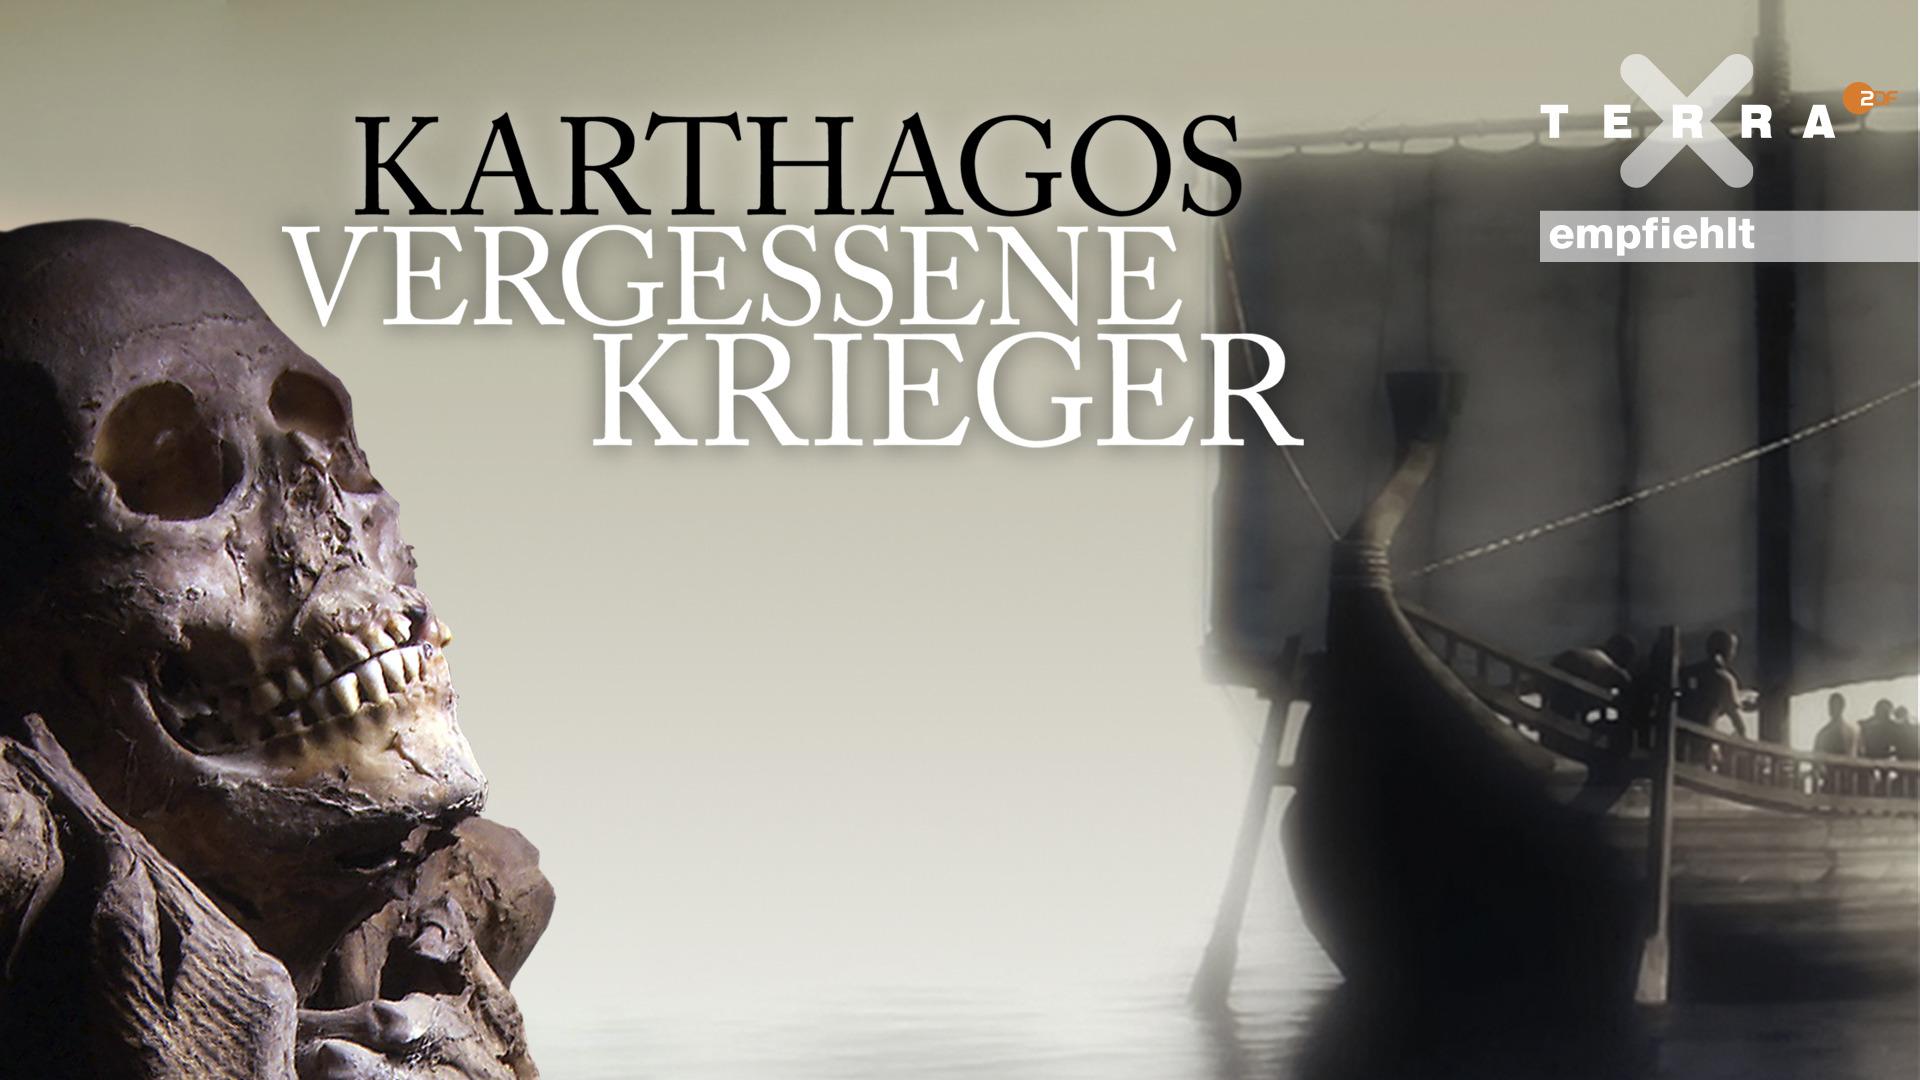 Karthagos vergessene Krieger